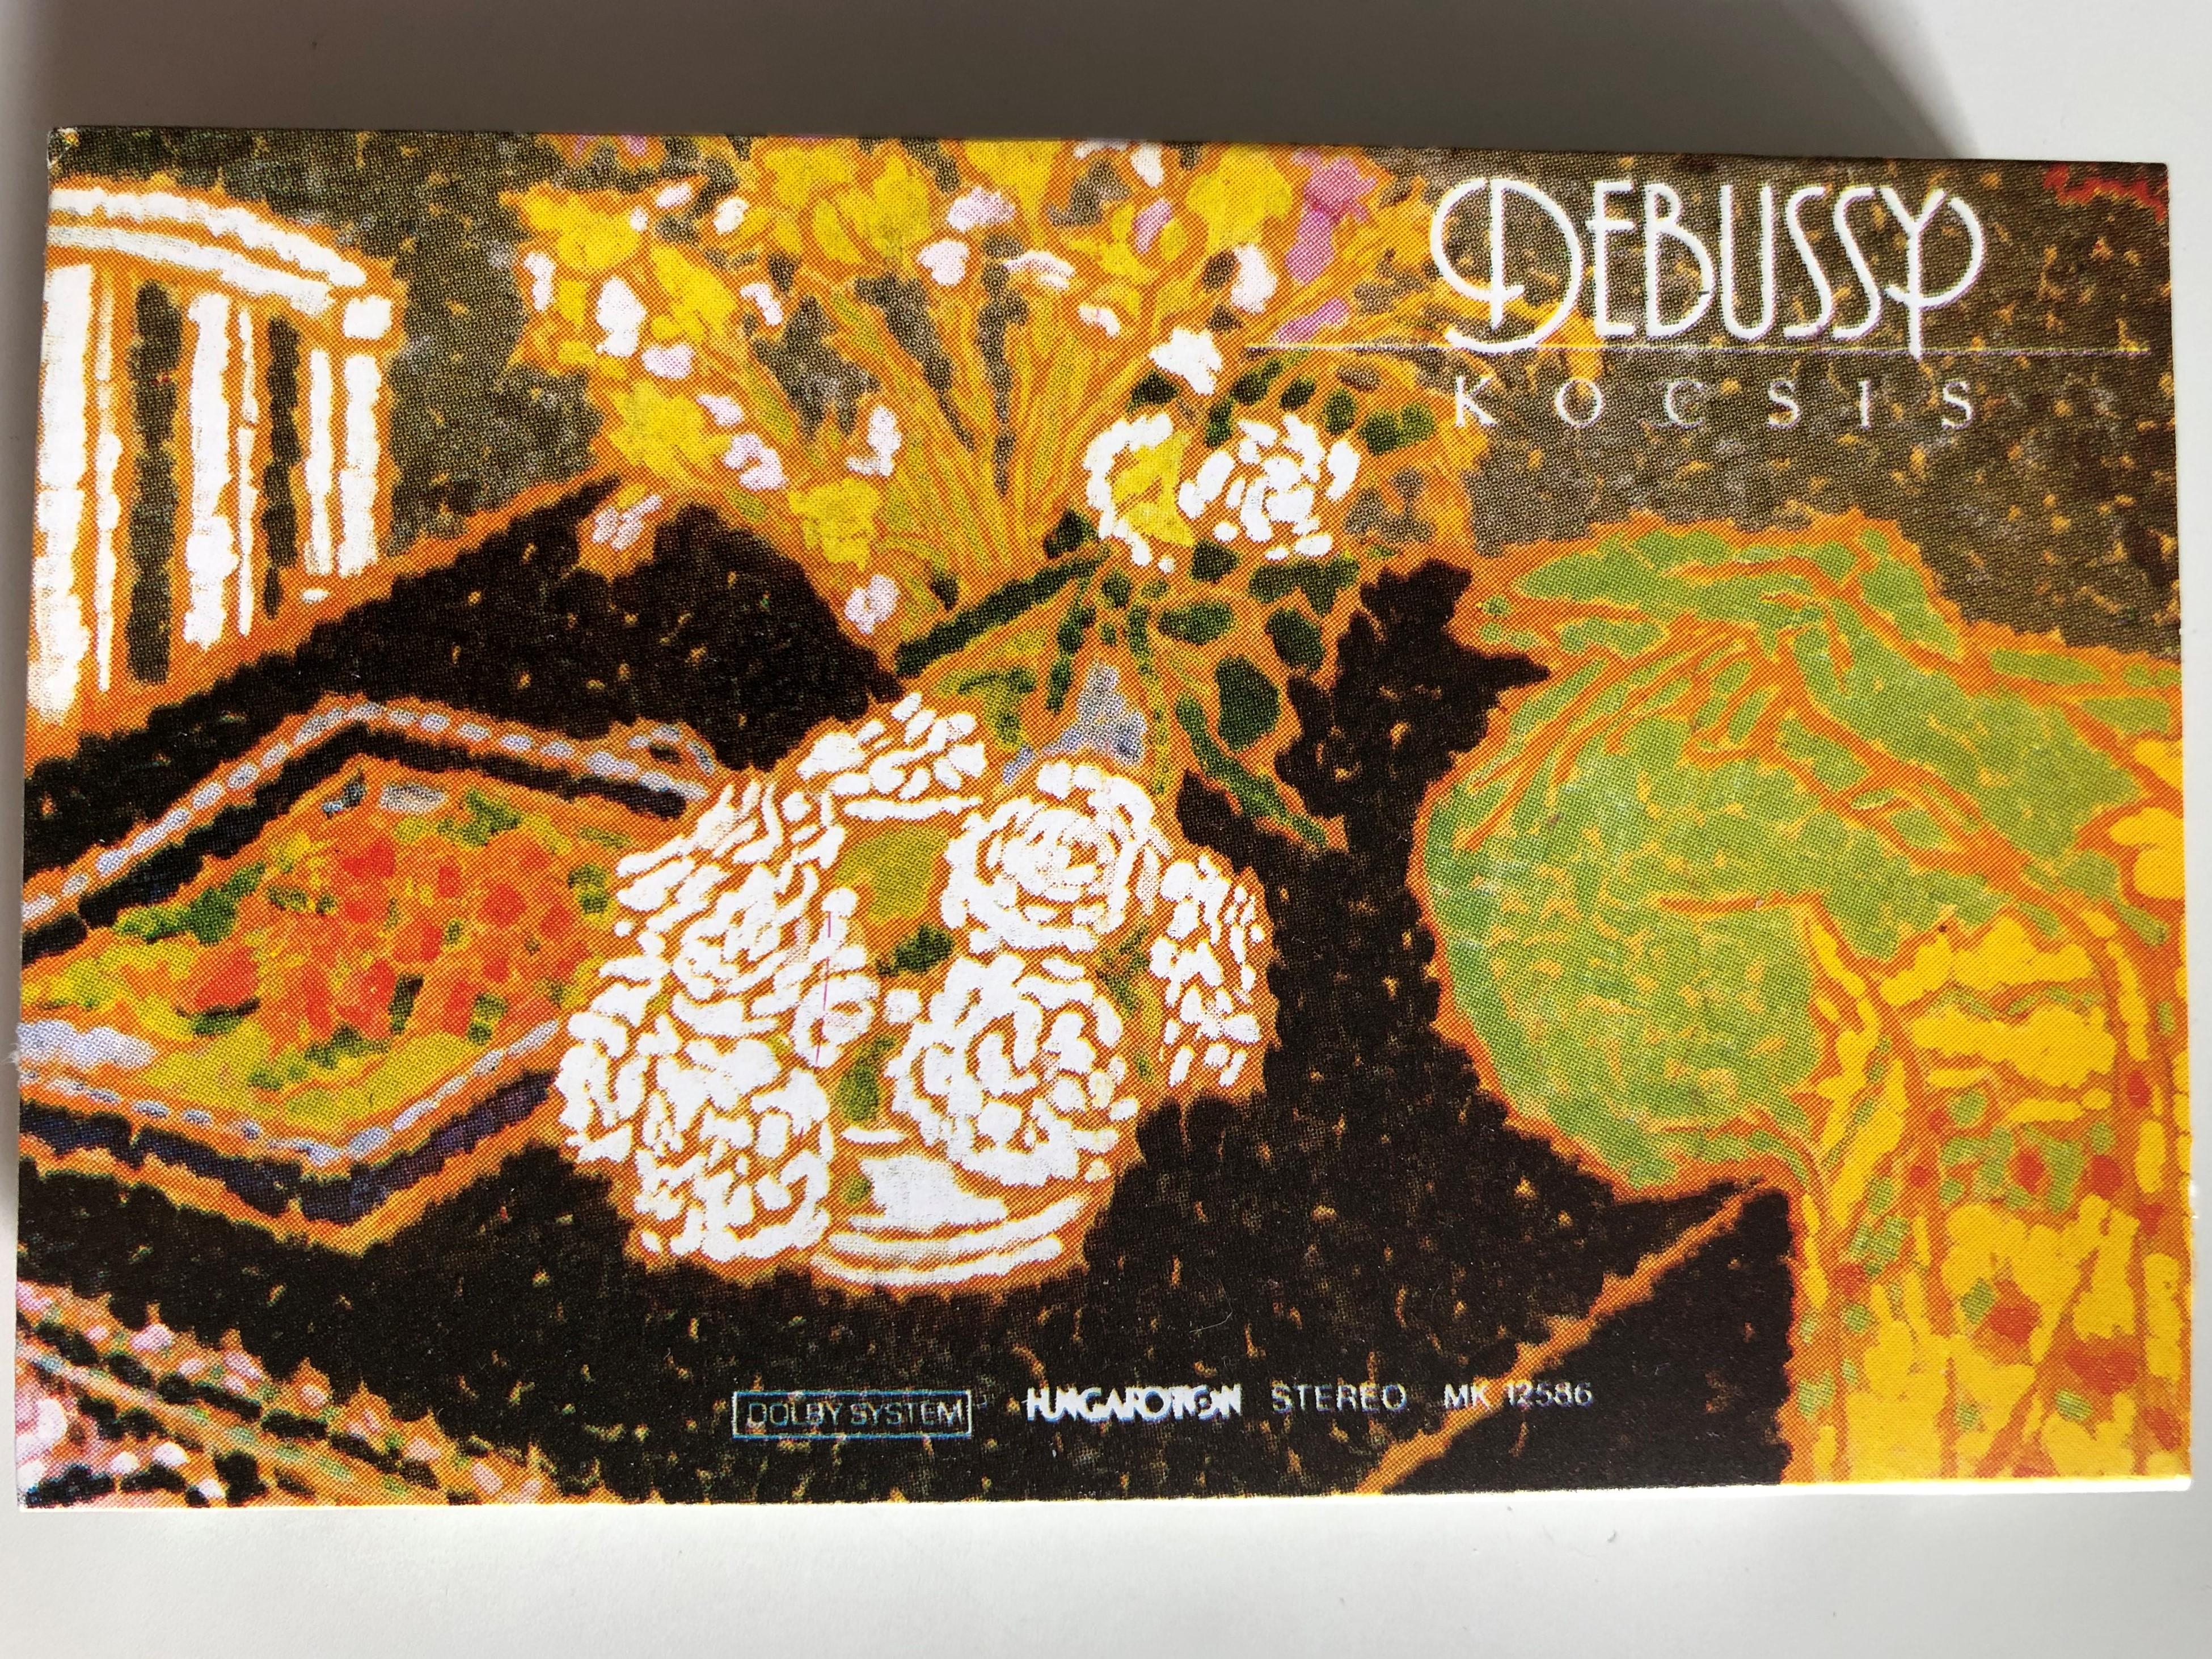 debussy-kocsis-suite-bergamasque-images-oubli-es-pour-le-piano-les-estampes-hungaroton-cassette-stereo-mk-12586-a-1-.jpg